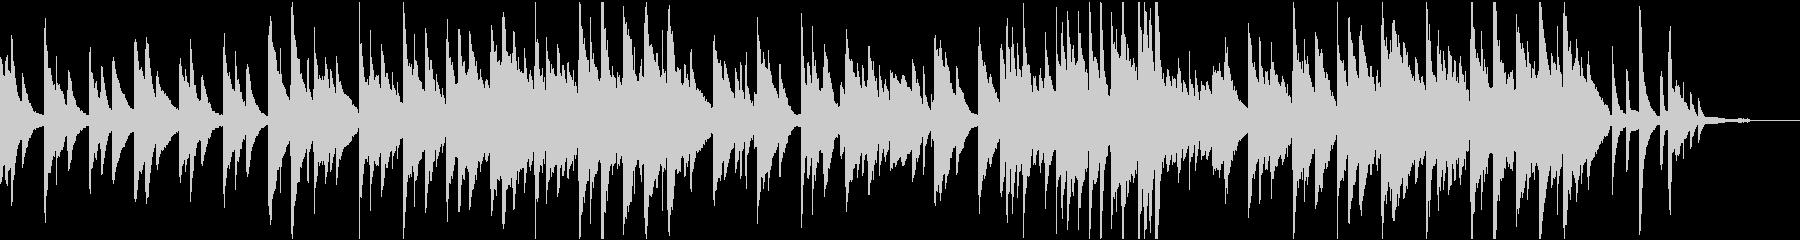 癒しのリラックスピアノの未再生の波形